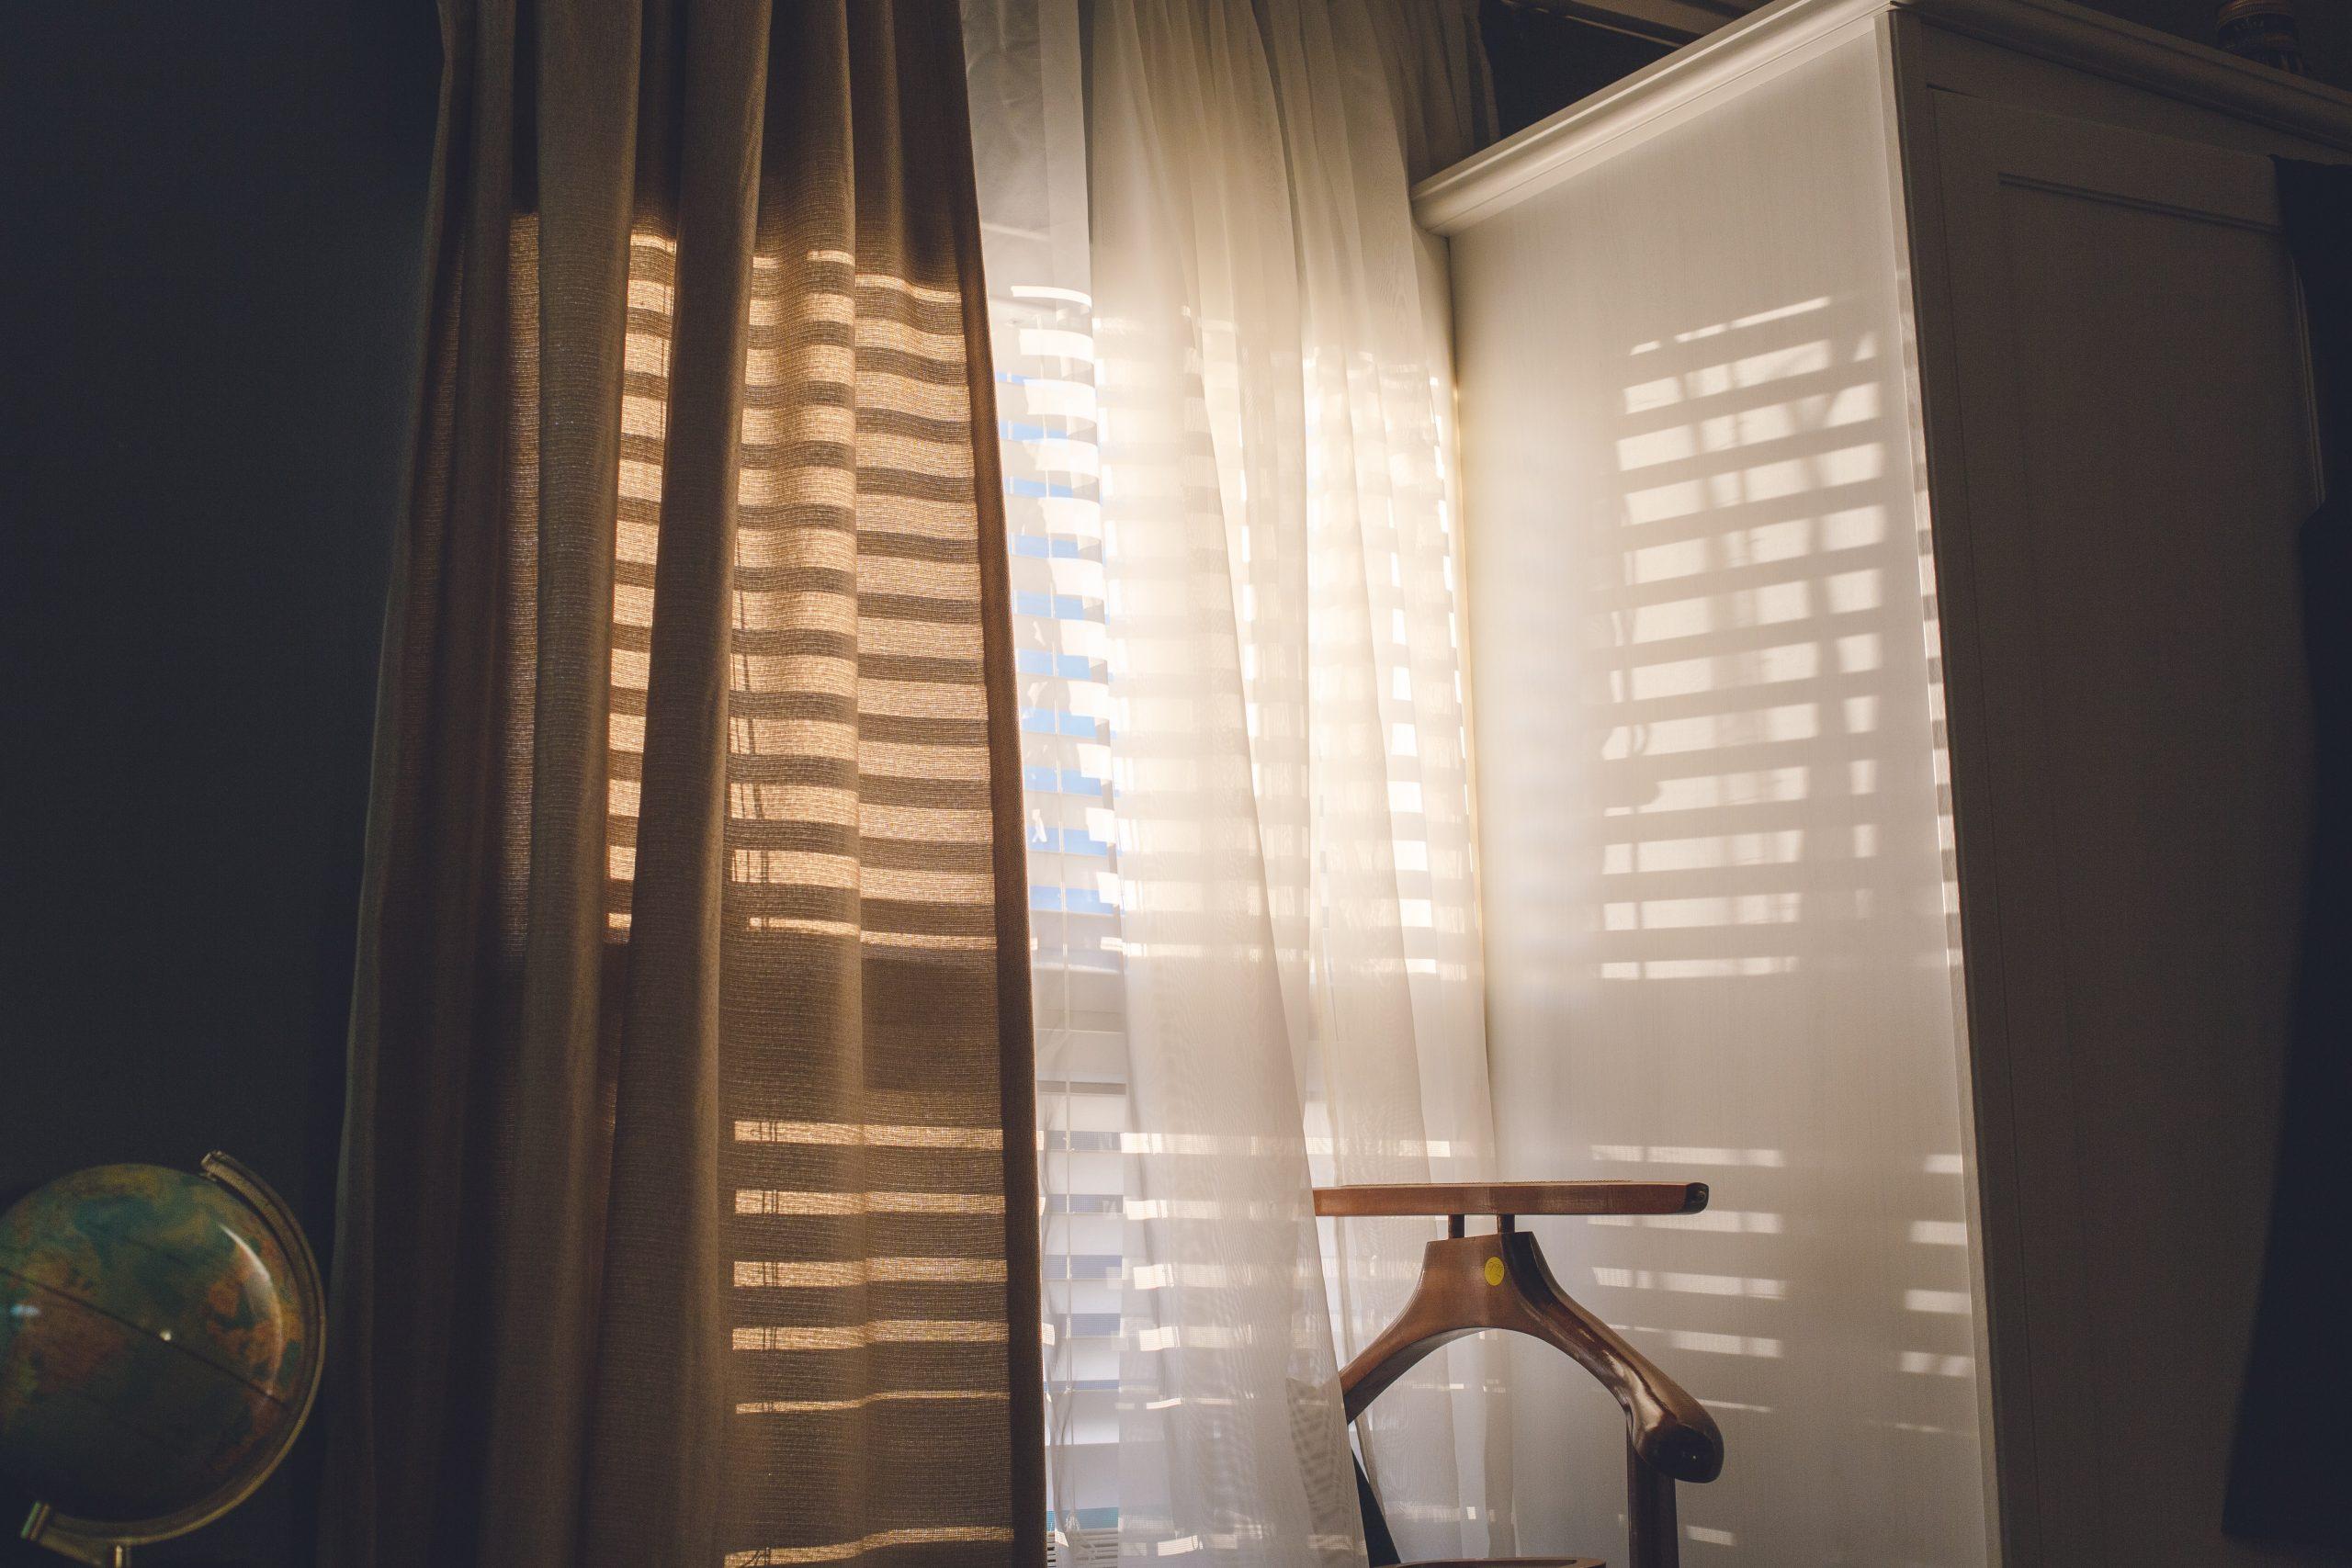 Raambekleding: een belangrijk element in elk huishouden